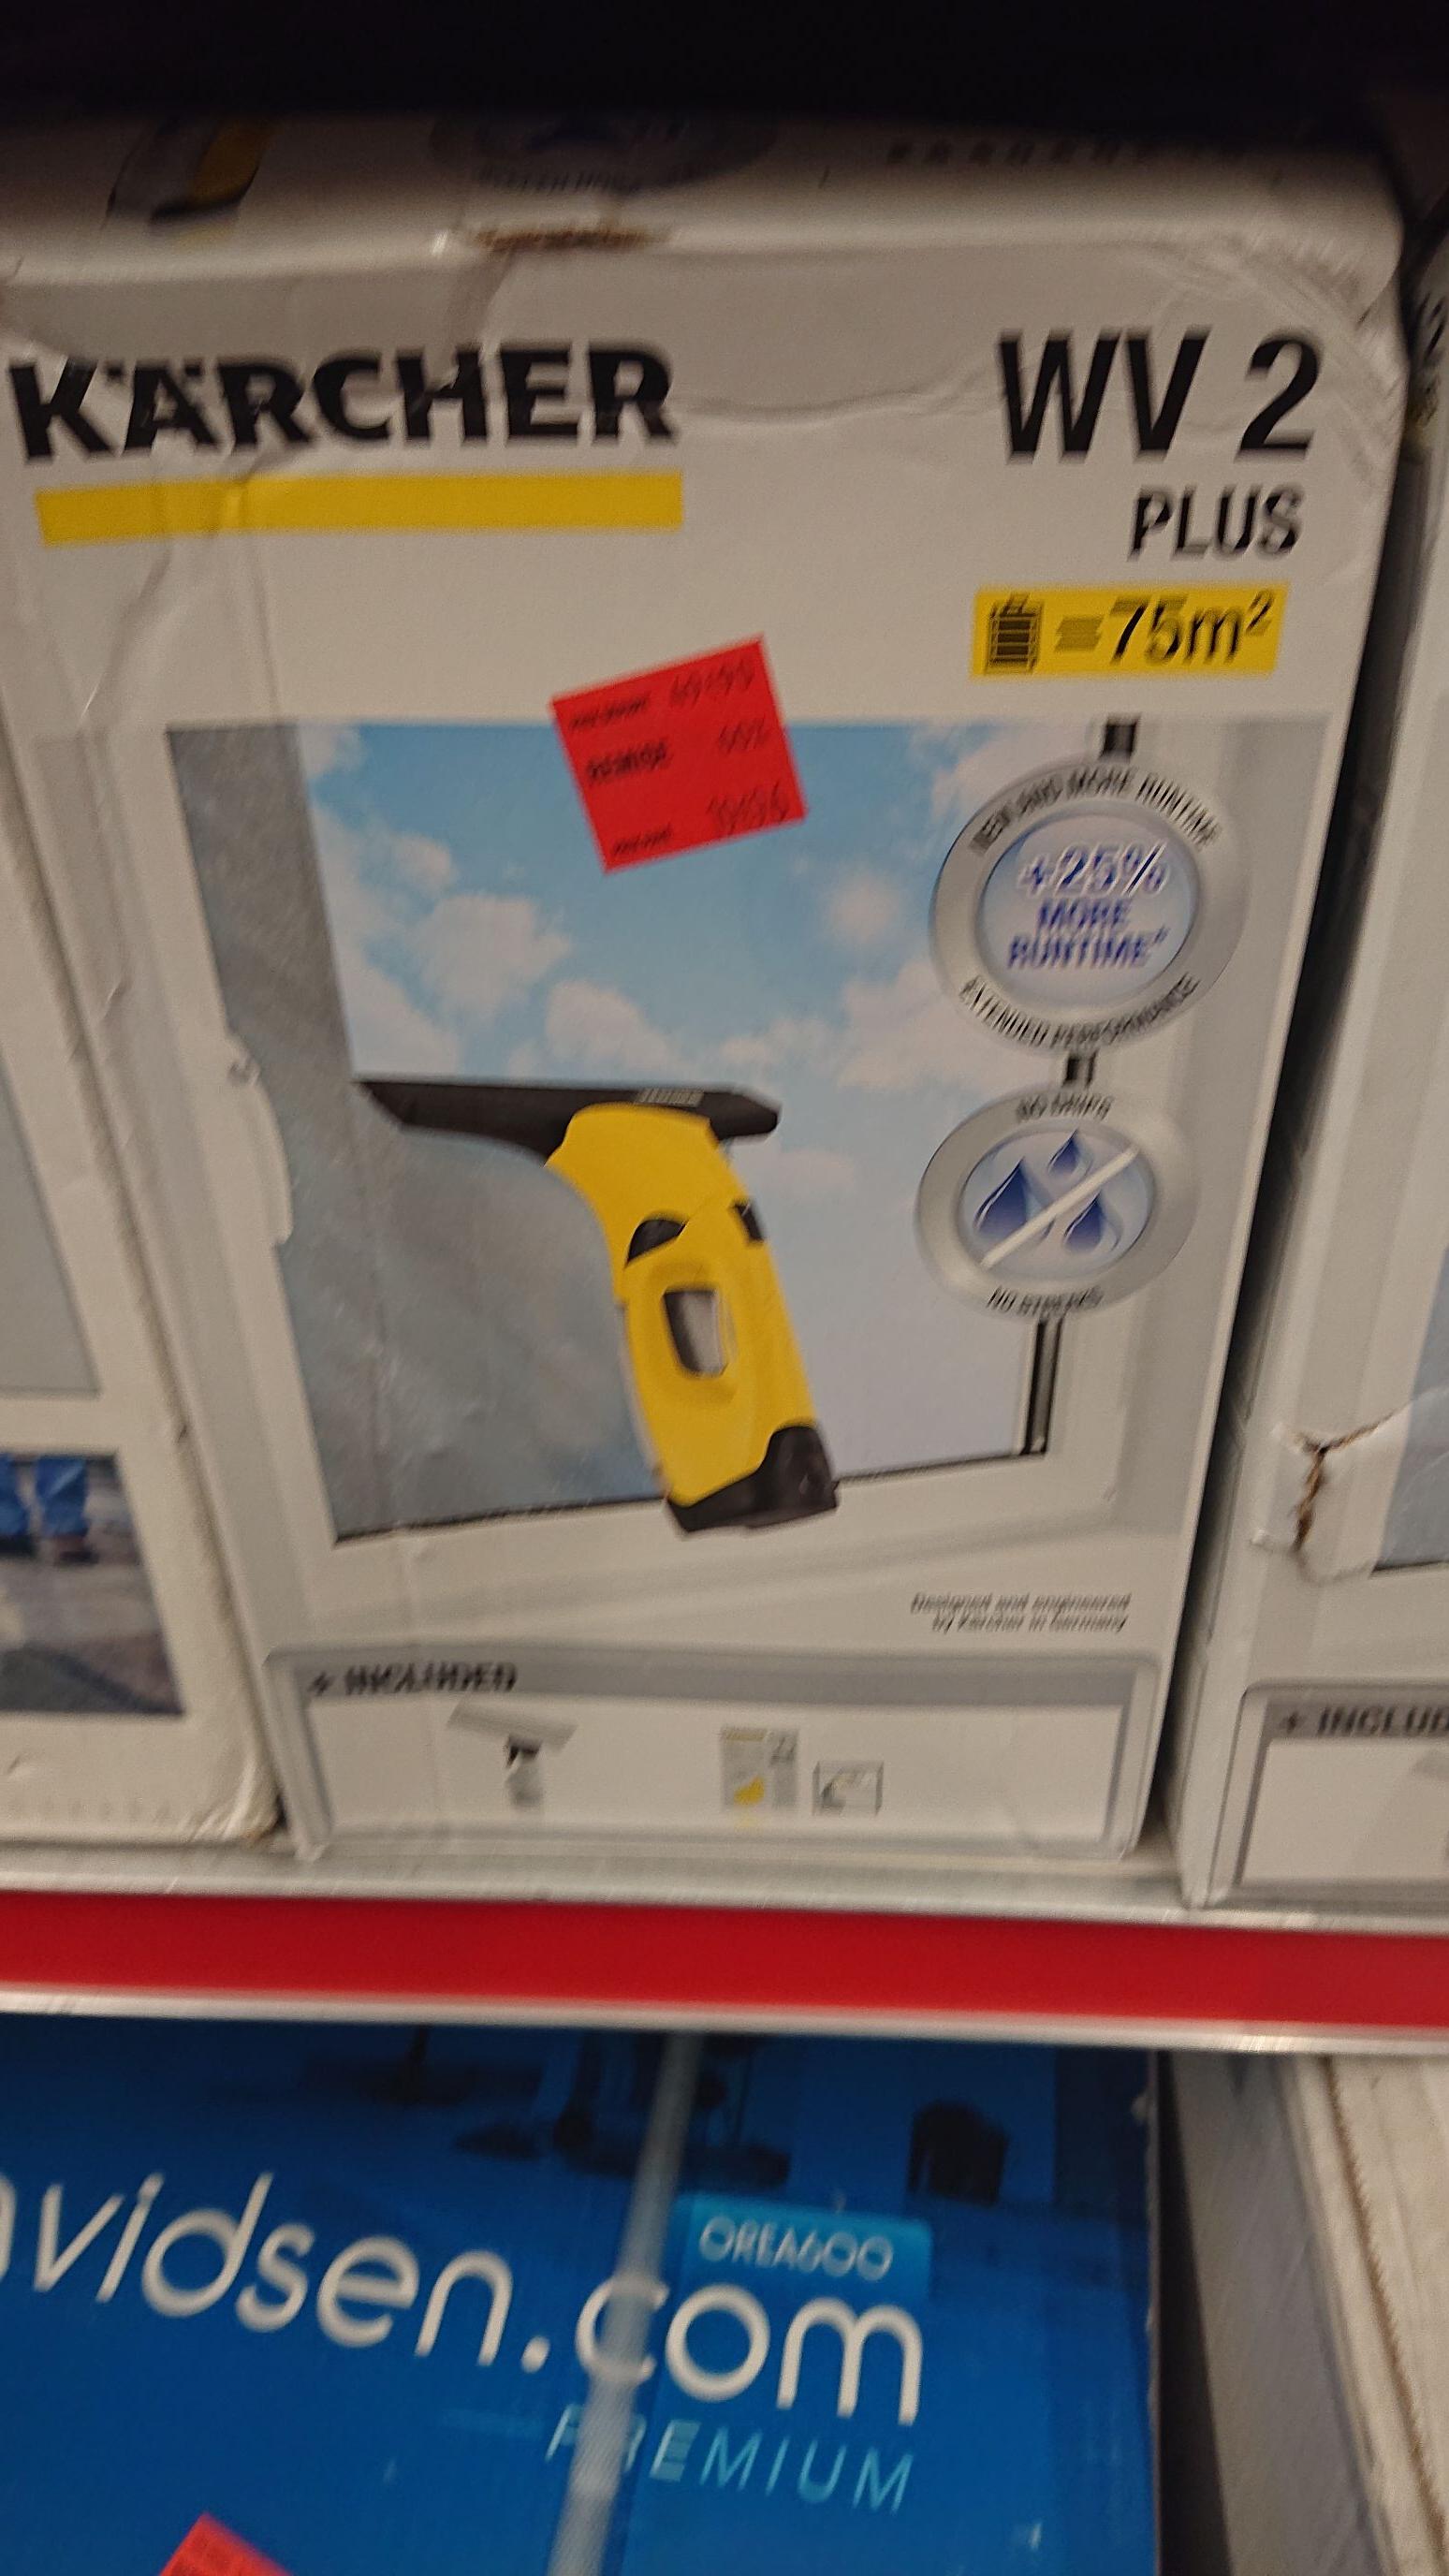 Nettoyeur de vitres Karcher WV2 plus - Sevran (93)